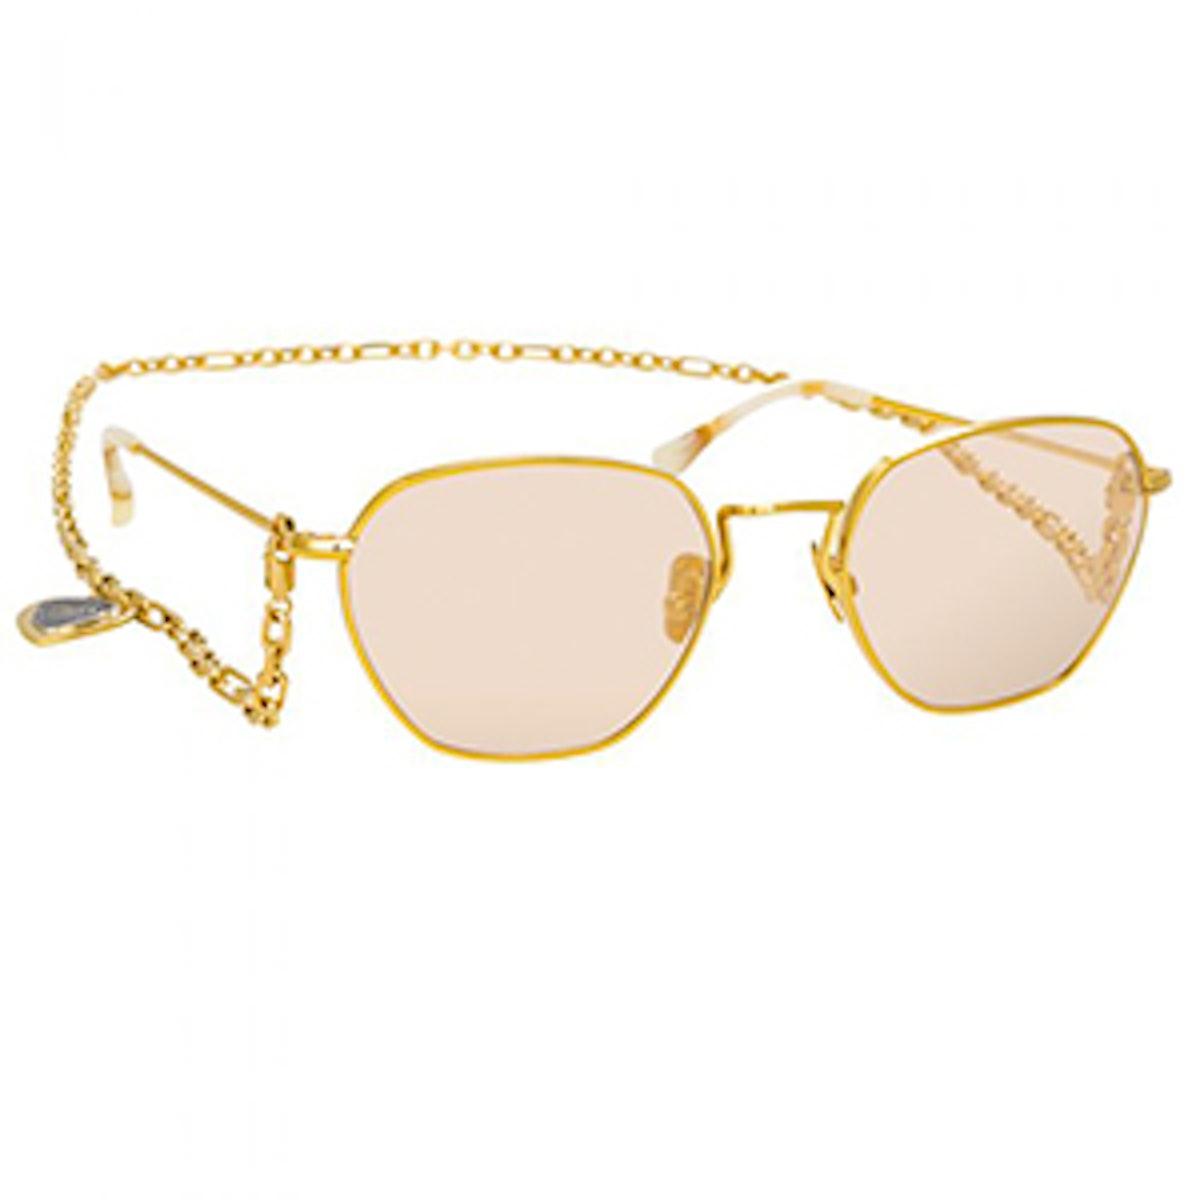 1 C2 Rectangular Sunglasses